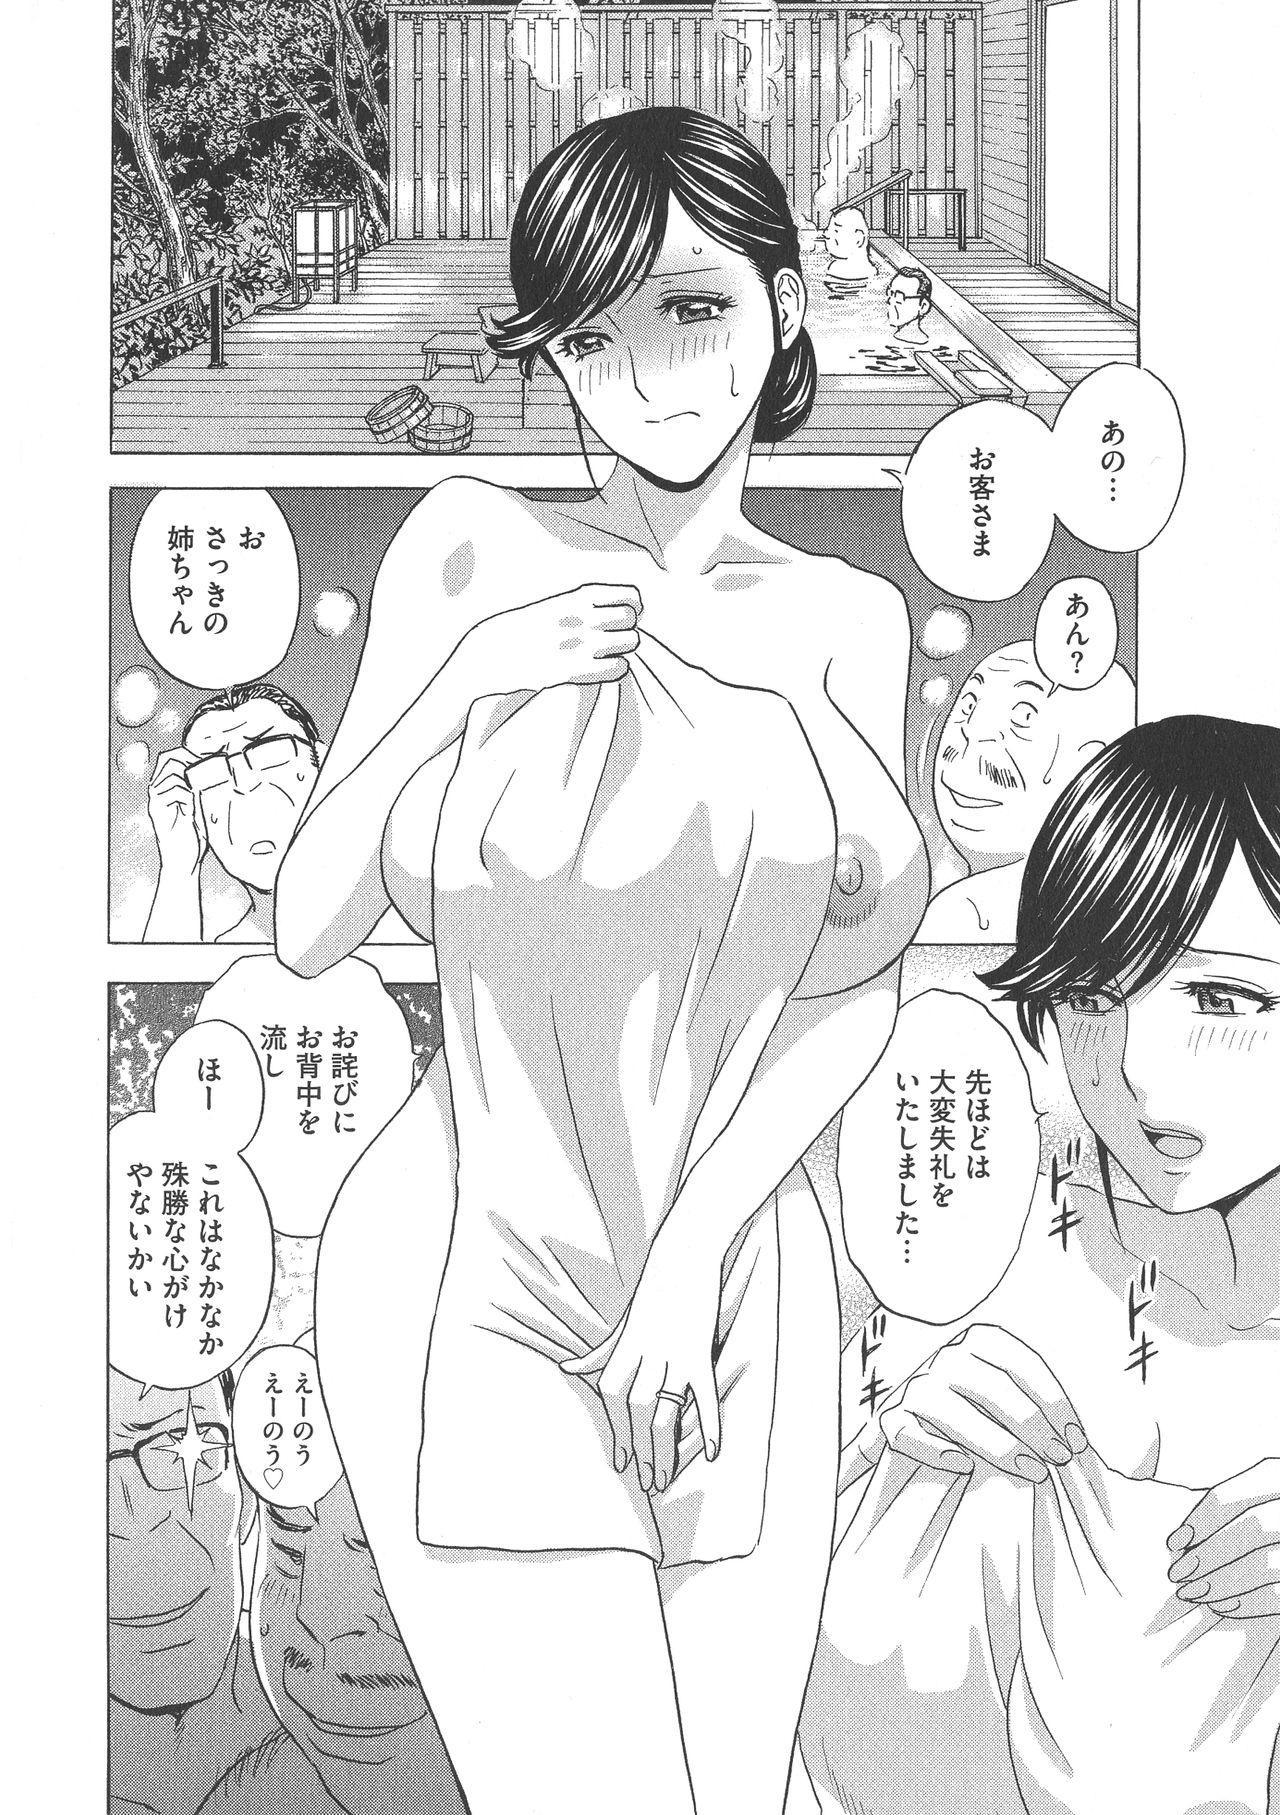 Chijoku ni Modaeru Haha no Chichi… 9